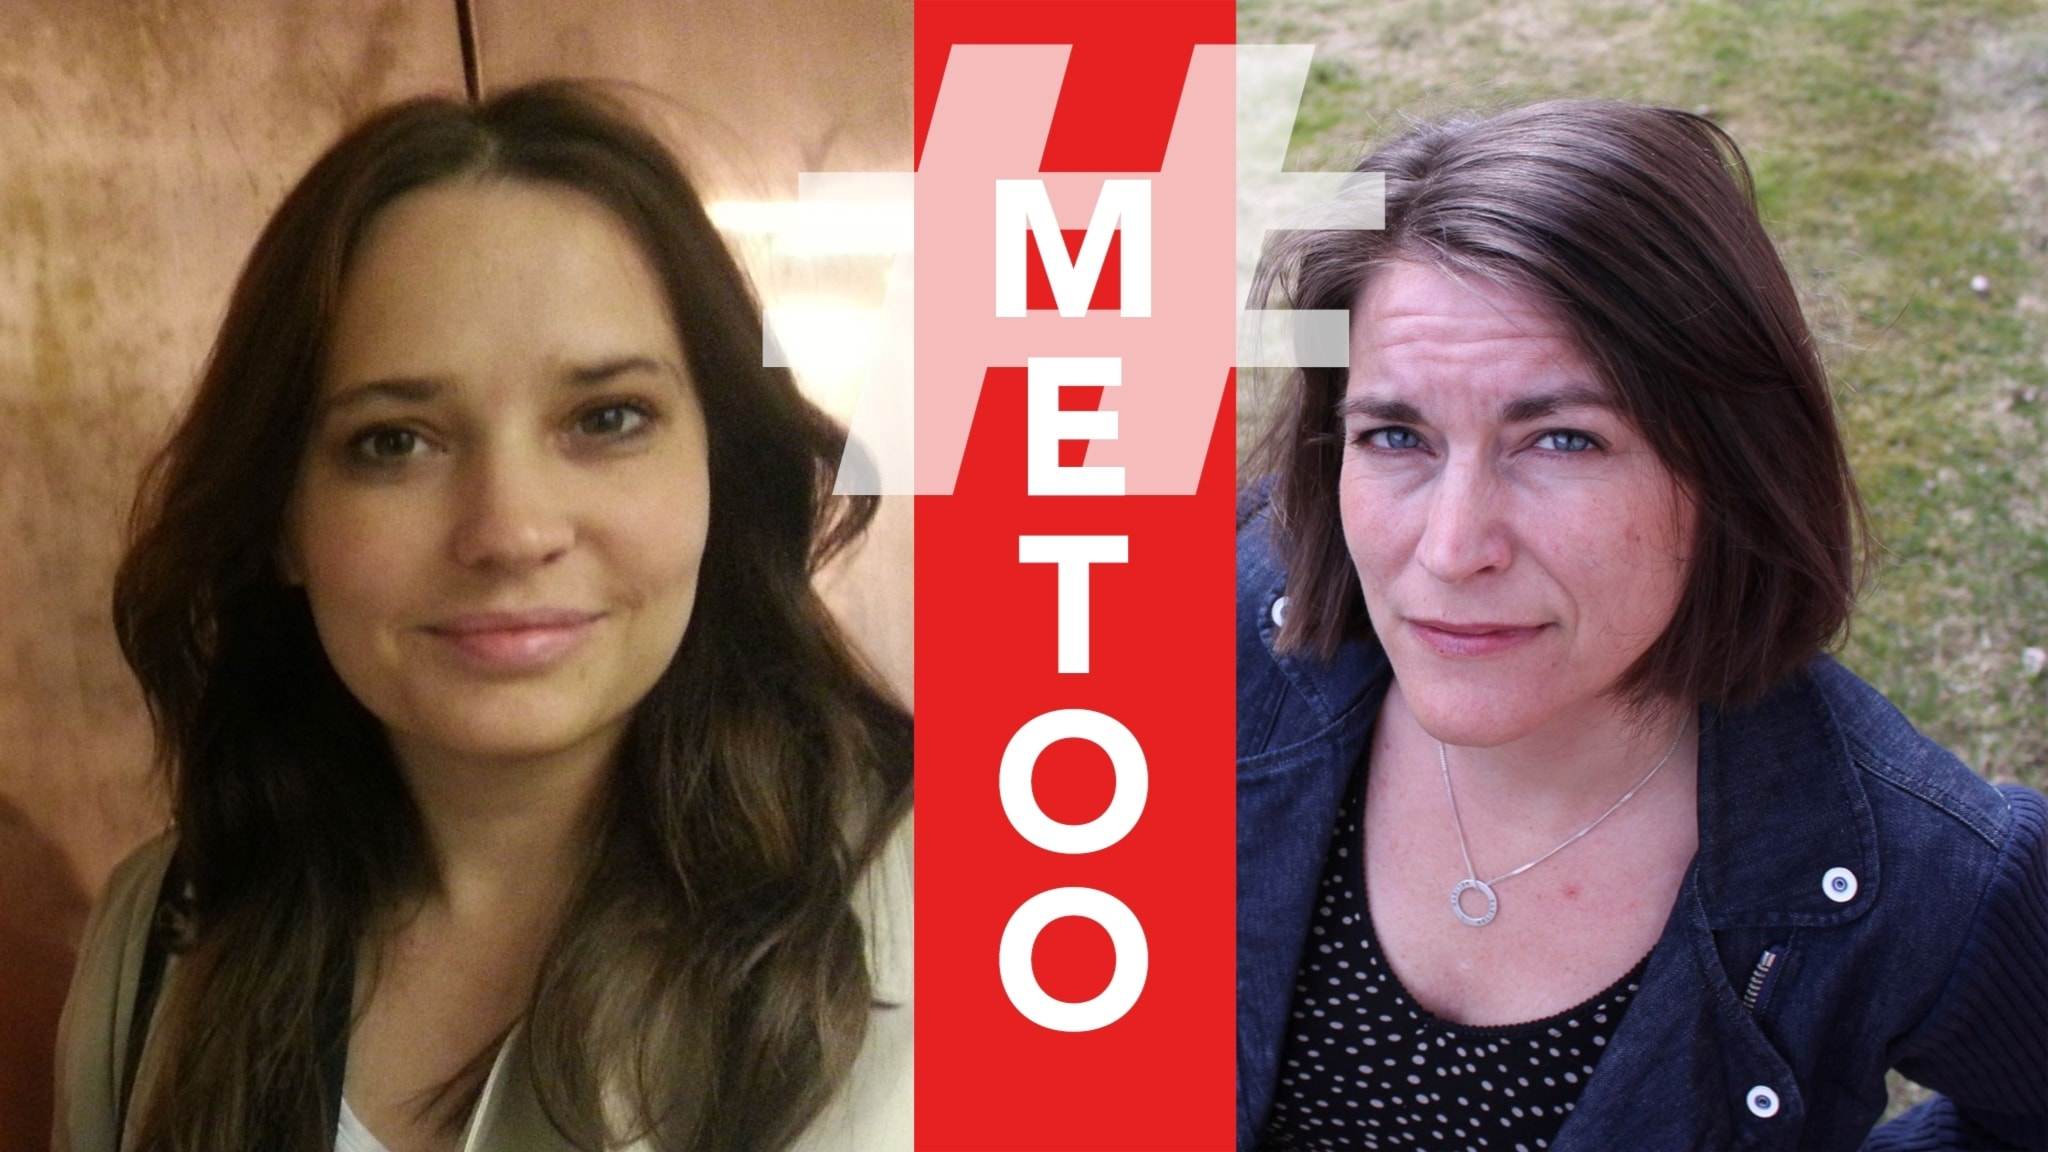 Ett år med #metoo - vad har förändrats?